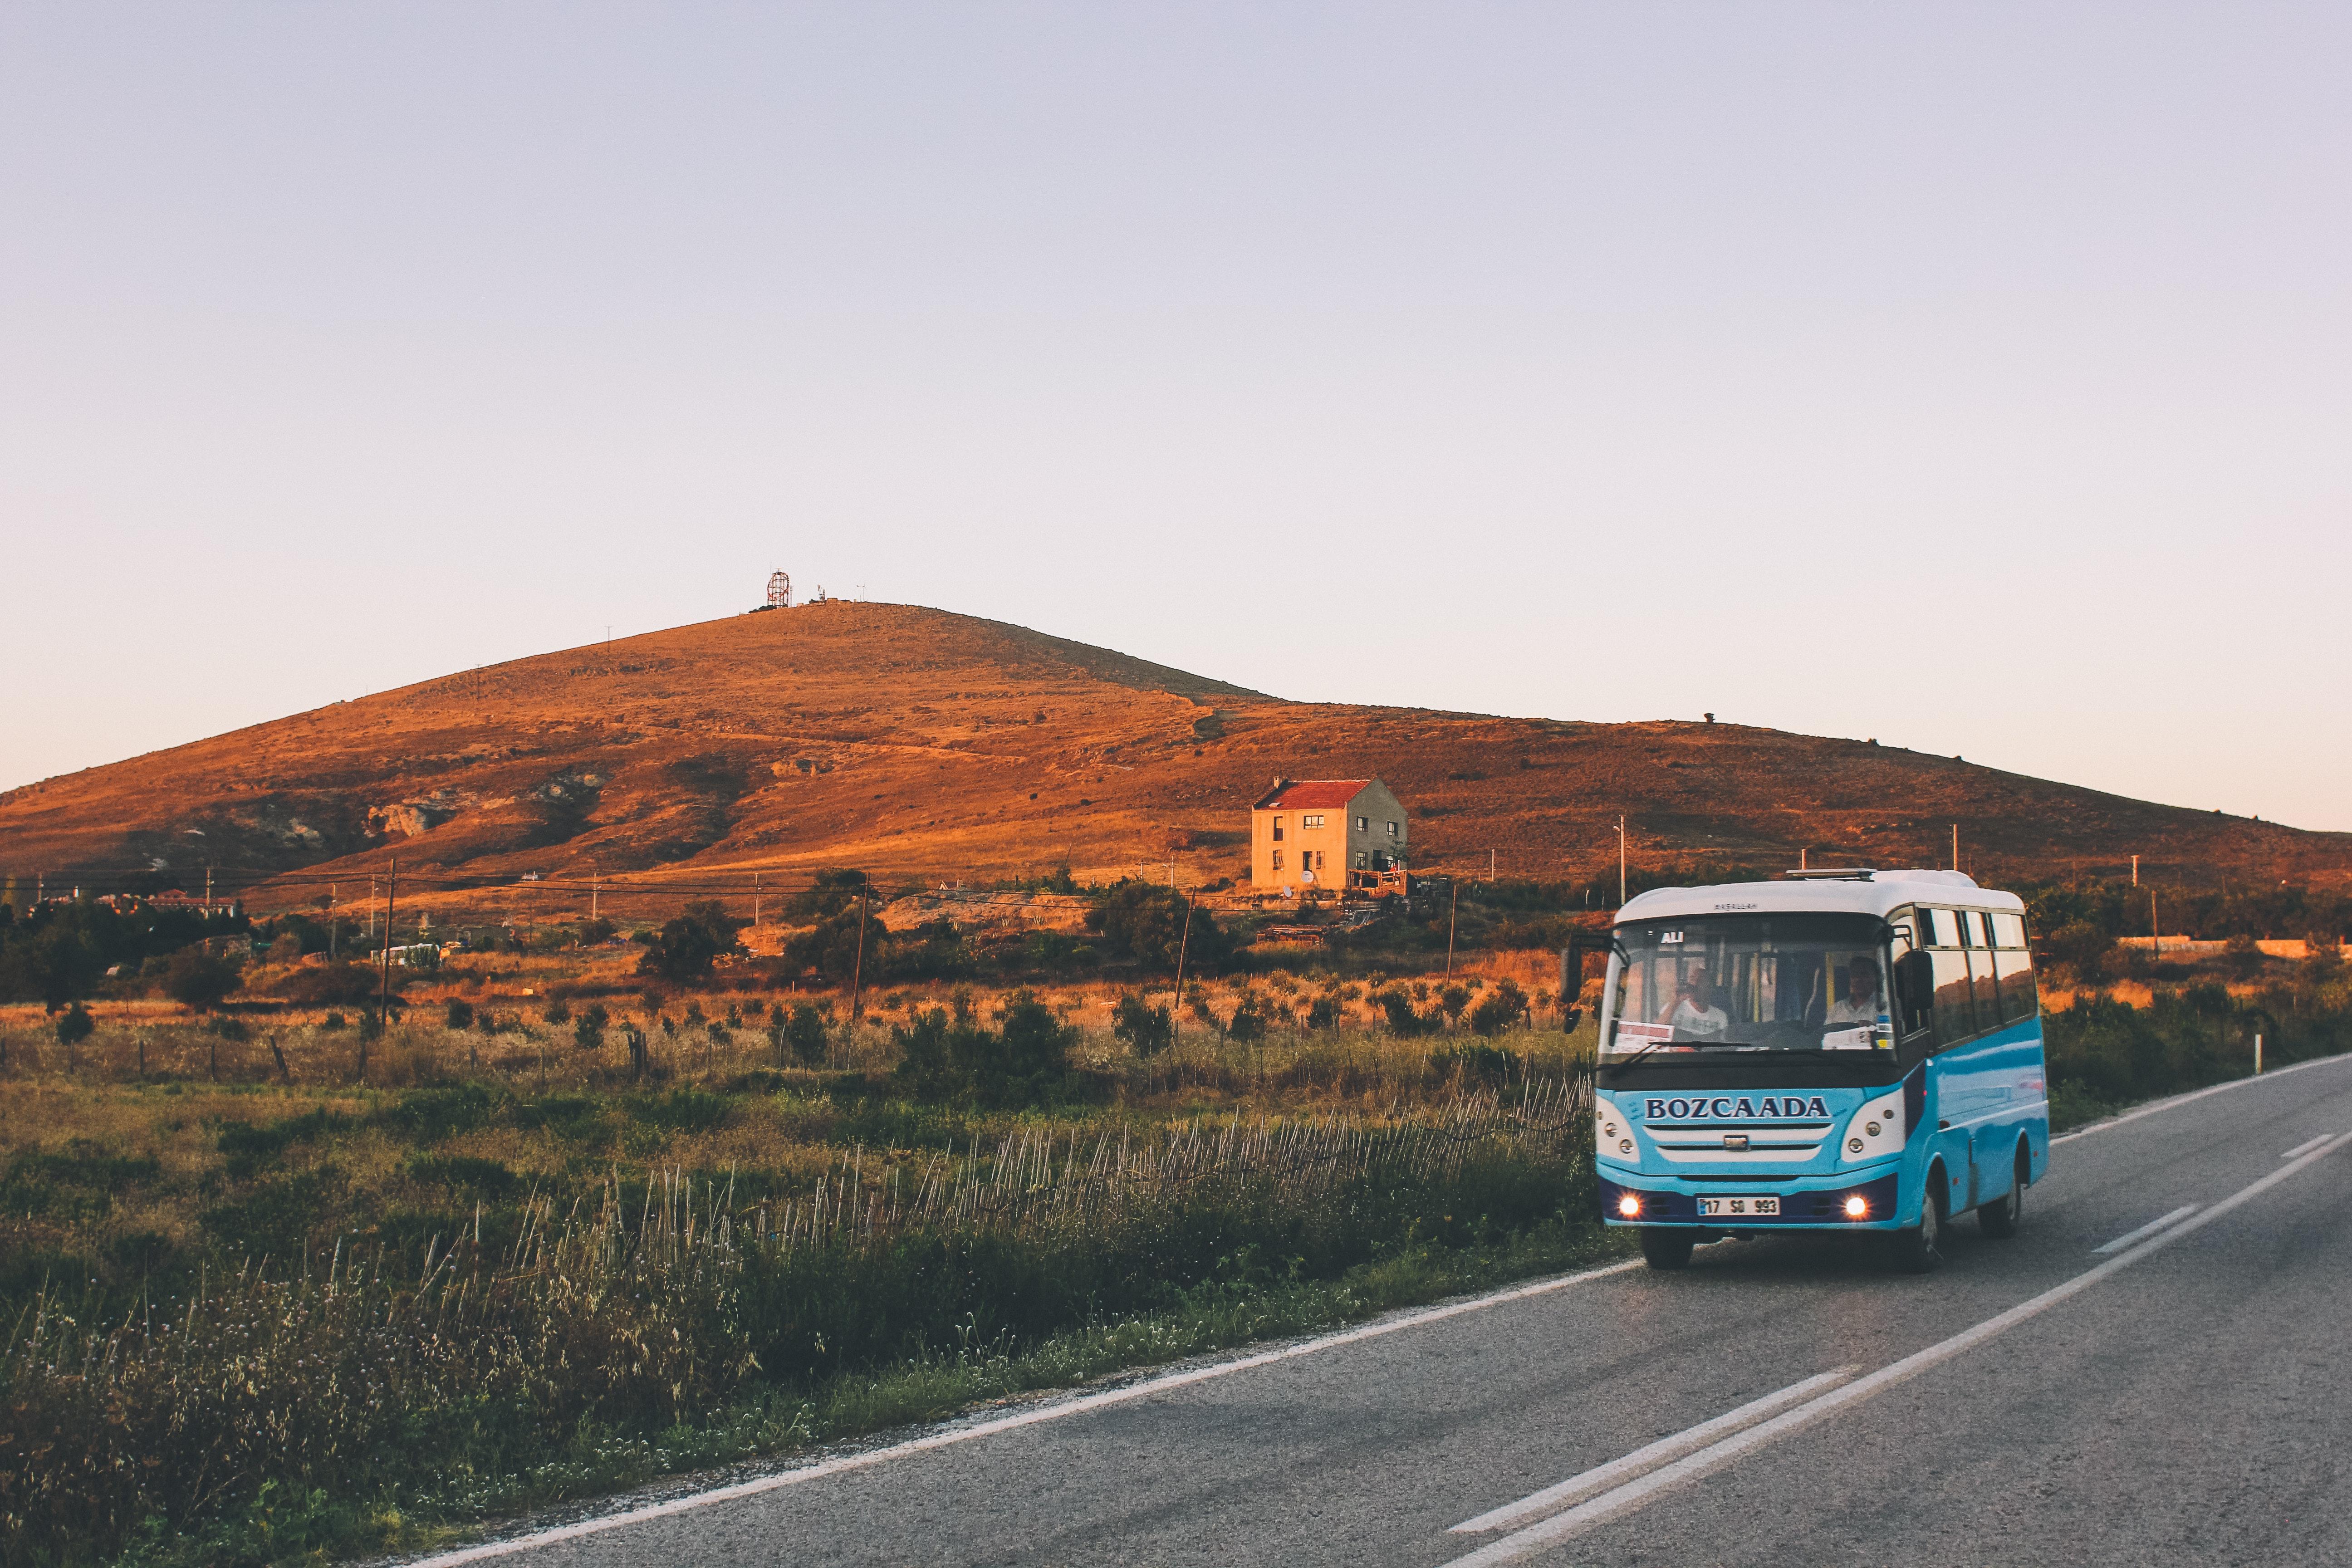 Chuyến xe buýt của thanh xuâ